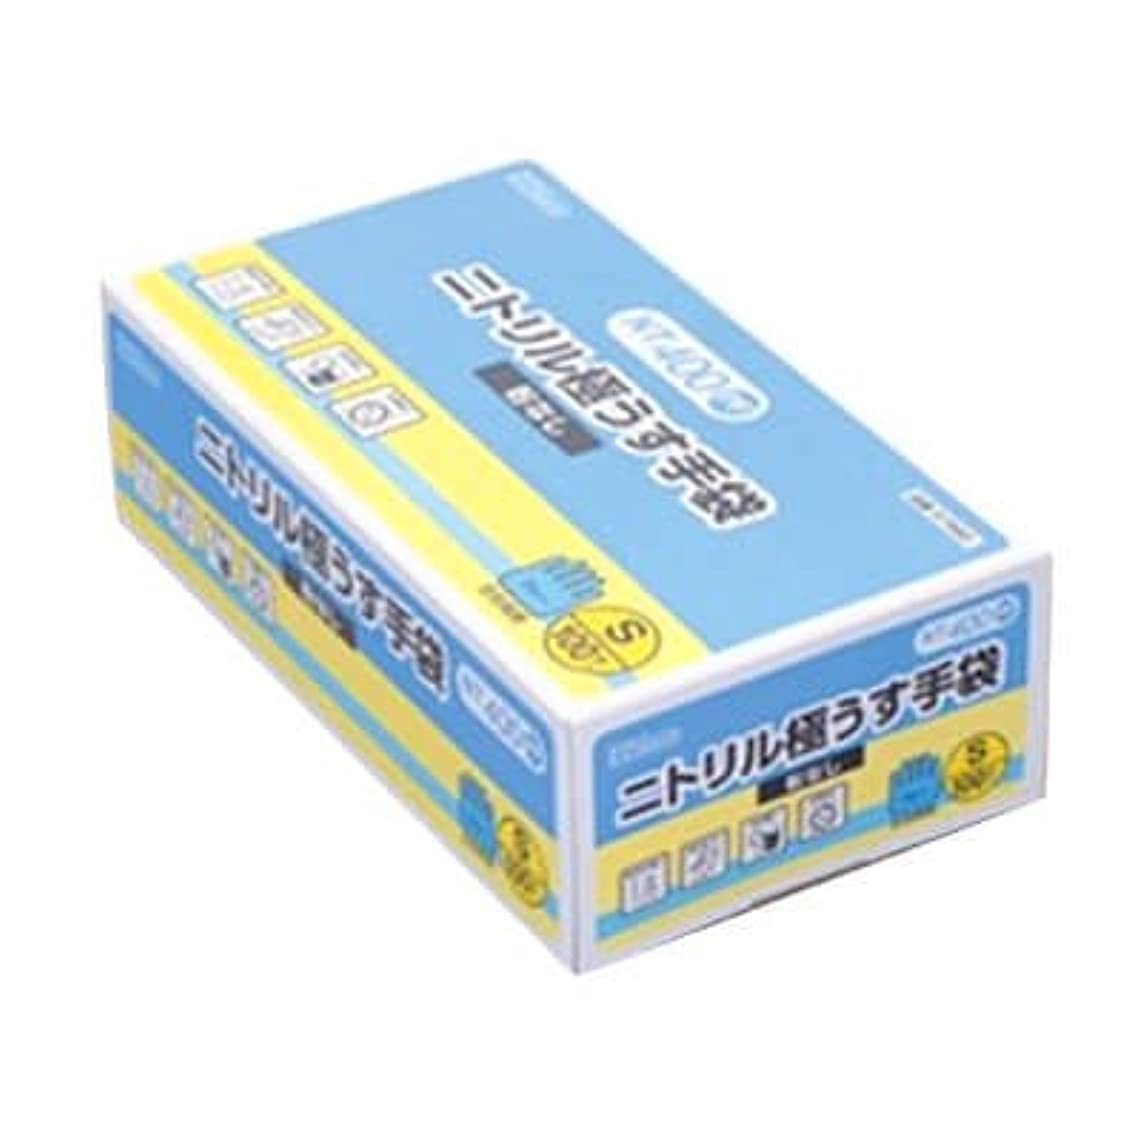 以内にしたがって約束する【ケース販売】 ダンロップ ニトリル極うす手袋 粉無 S ブルー NT-400 (100枚入×20箱)